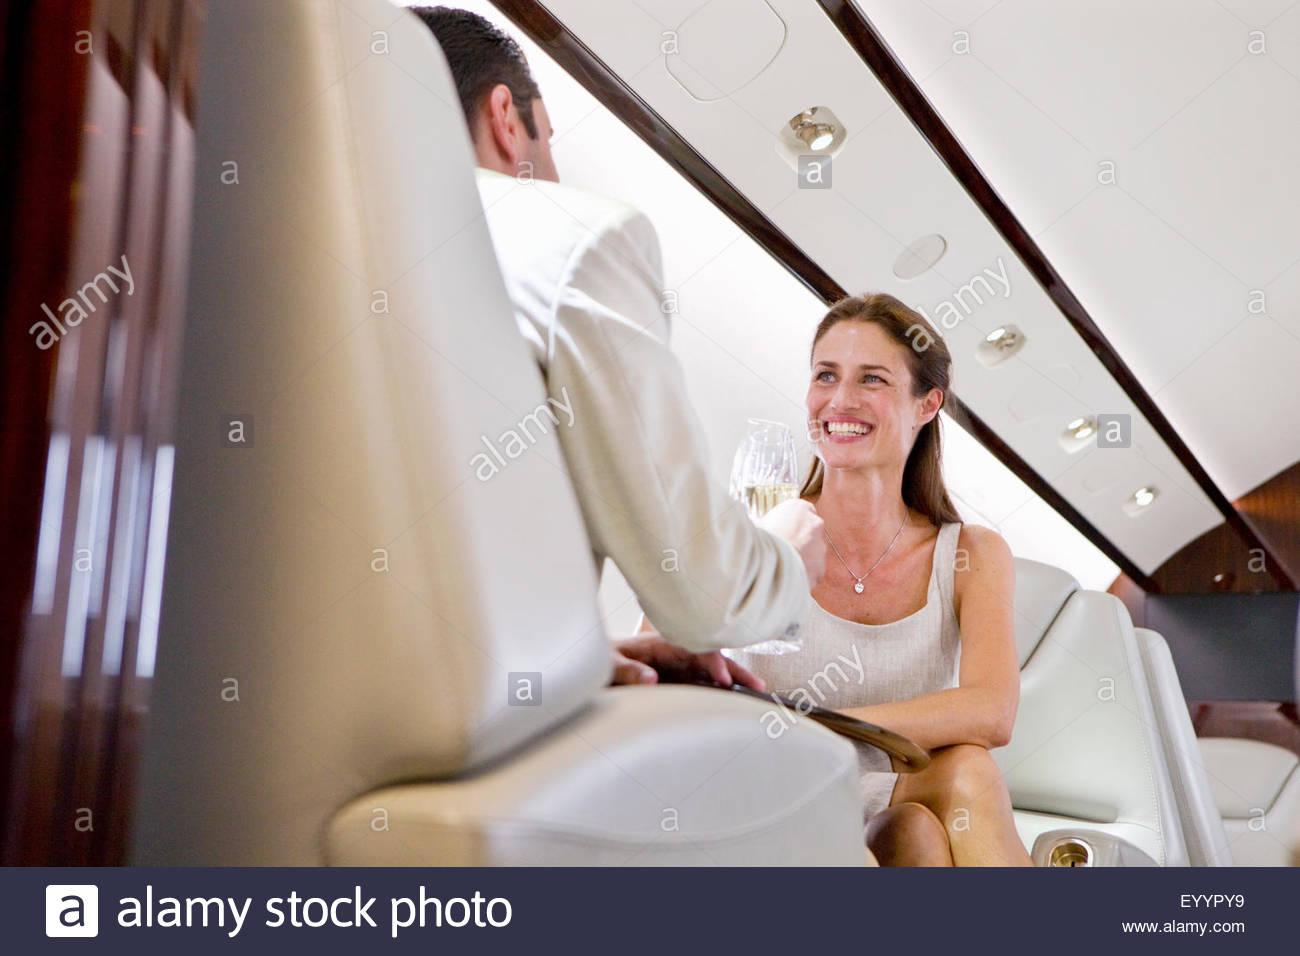 Attraente Coppia sorridente bevendo champagne sul jet privato Immagini Stock